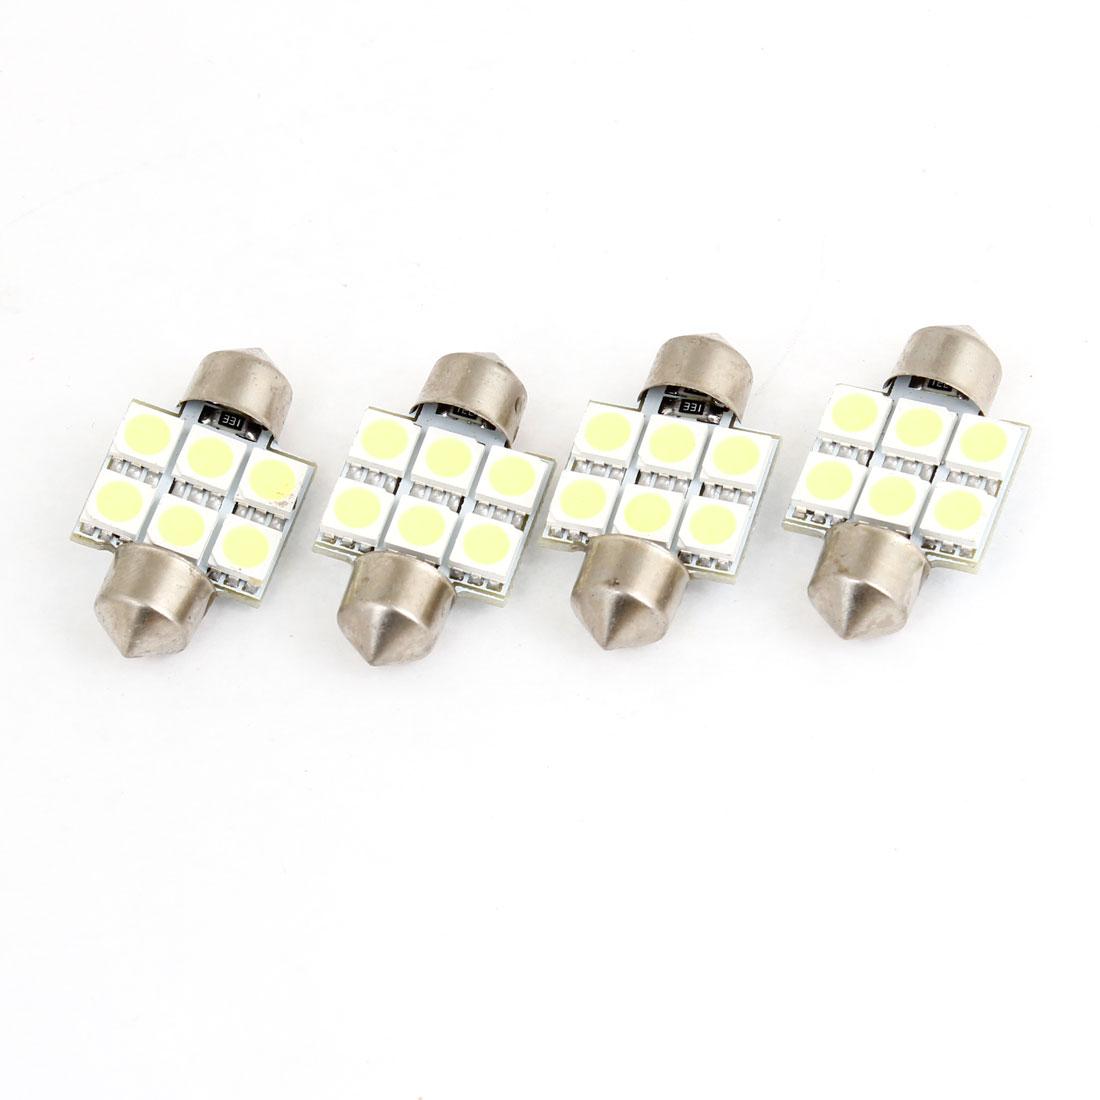 4PCS 31mm White 6 LED 5050 SMD Festoon Light Bulb for Car Interior Dome Lamp